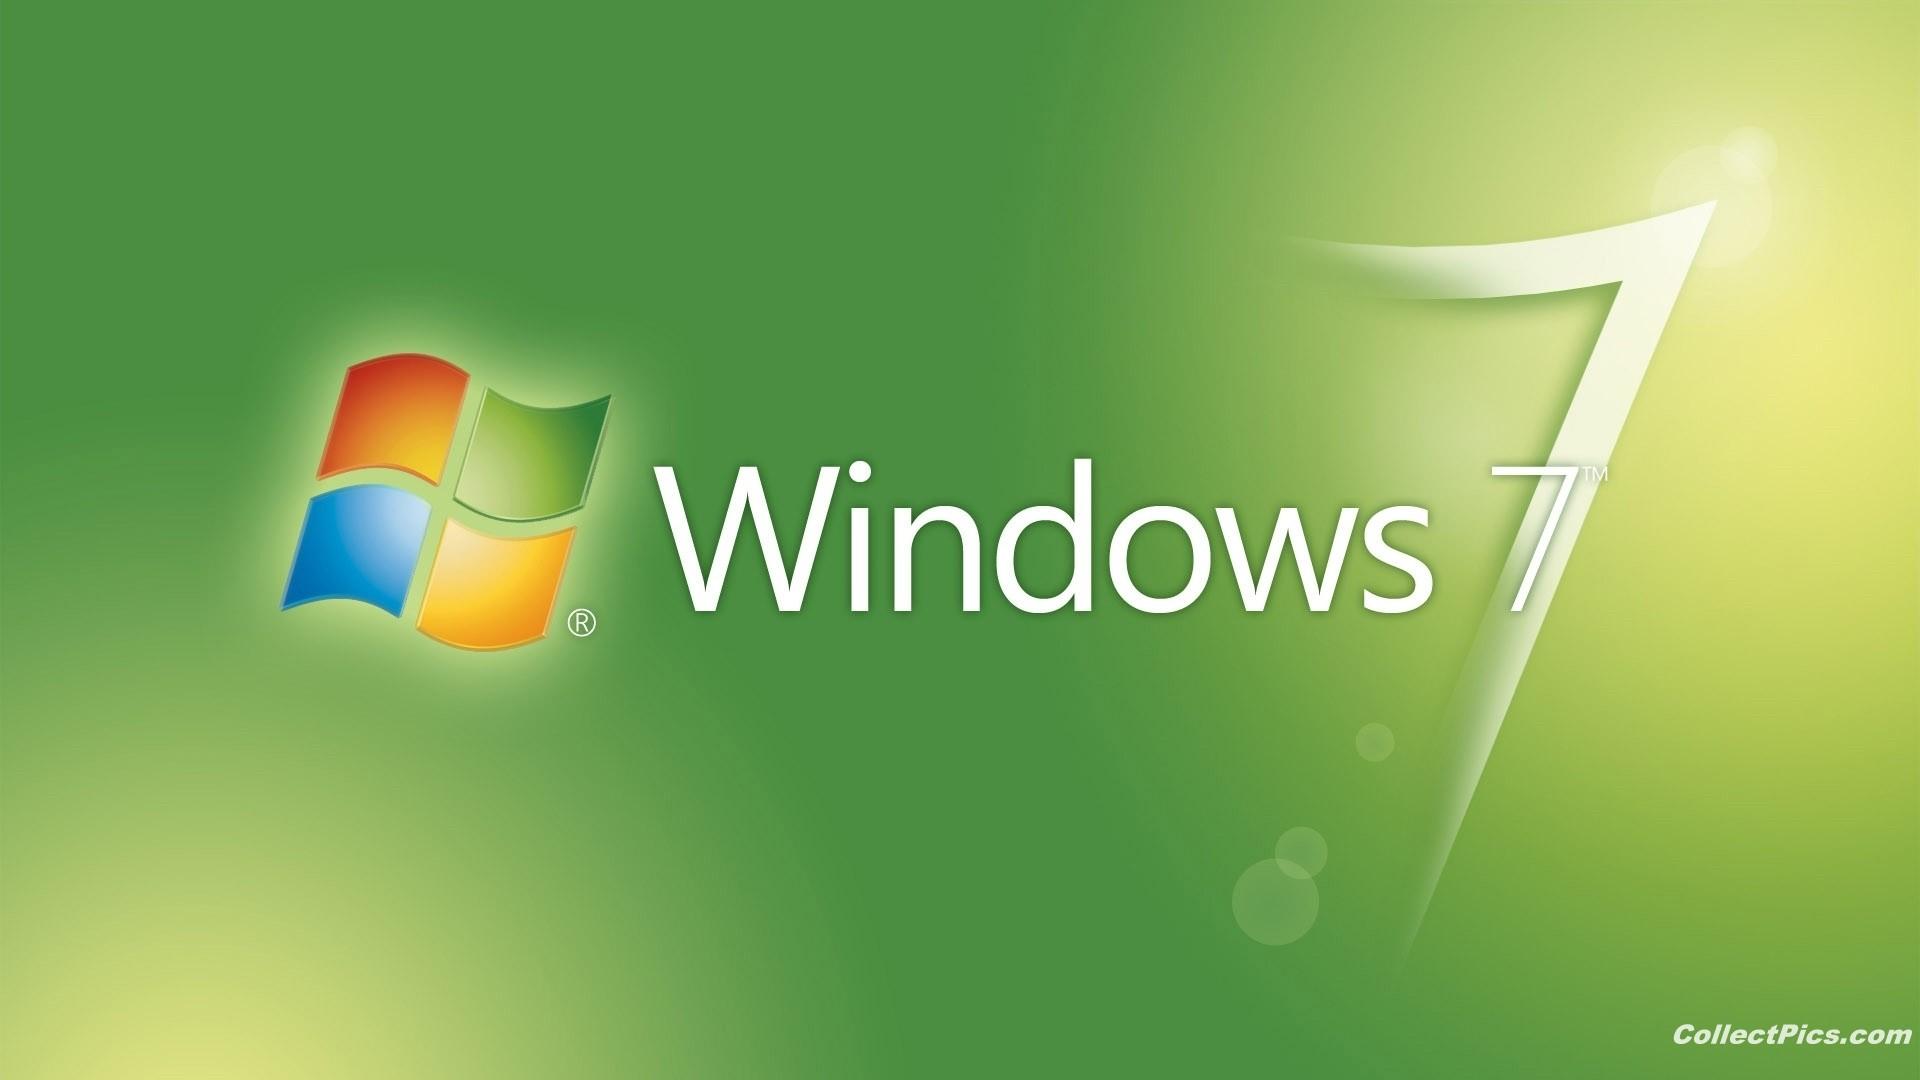 Windows 7 Green 1080p Wallpaper